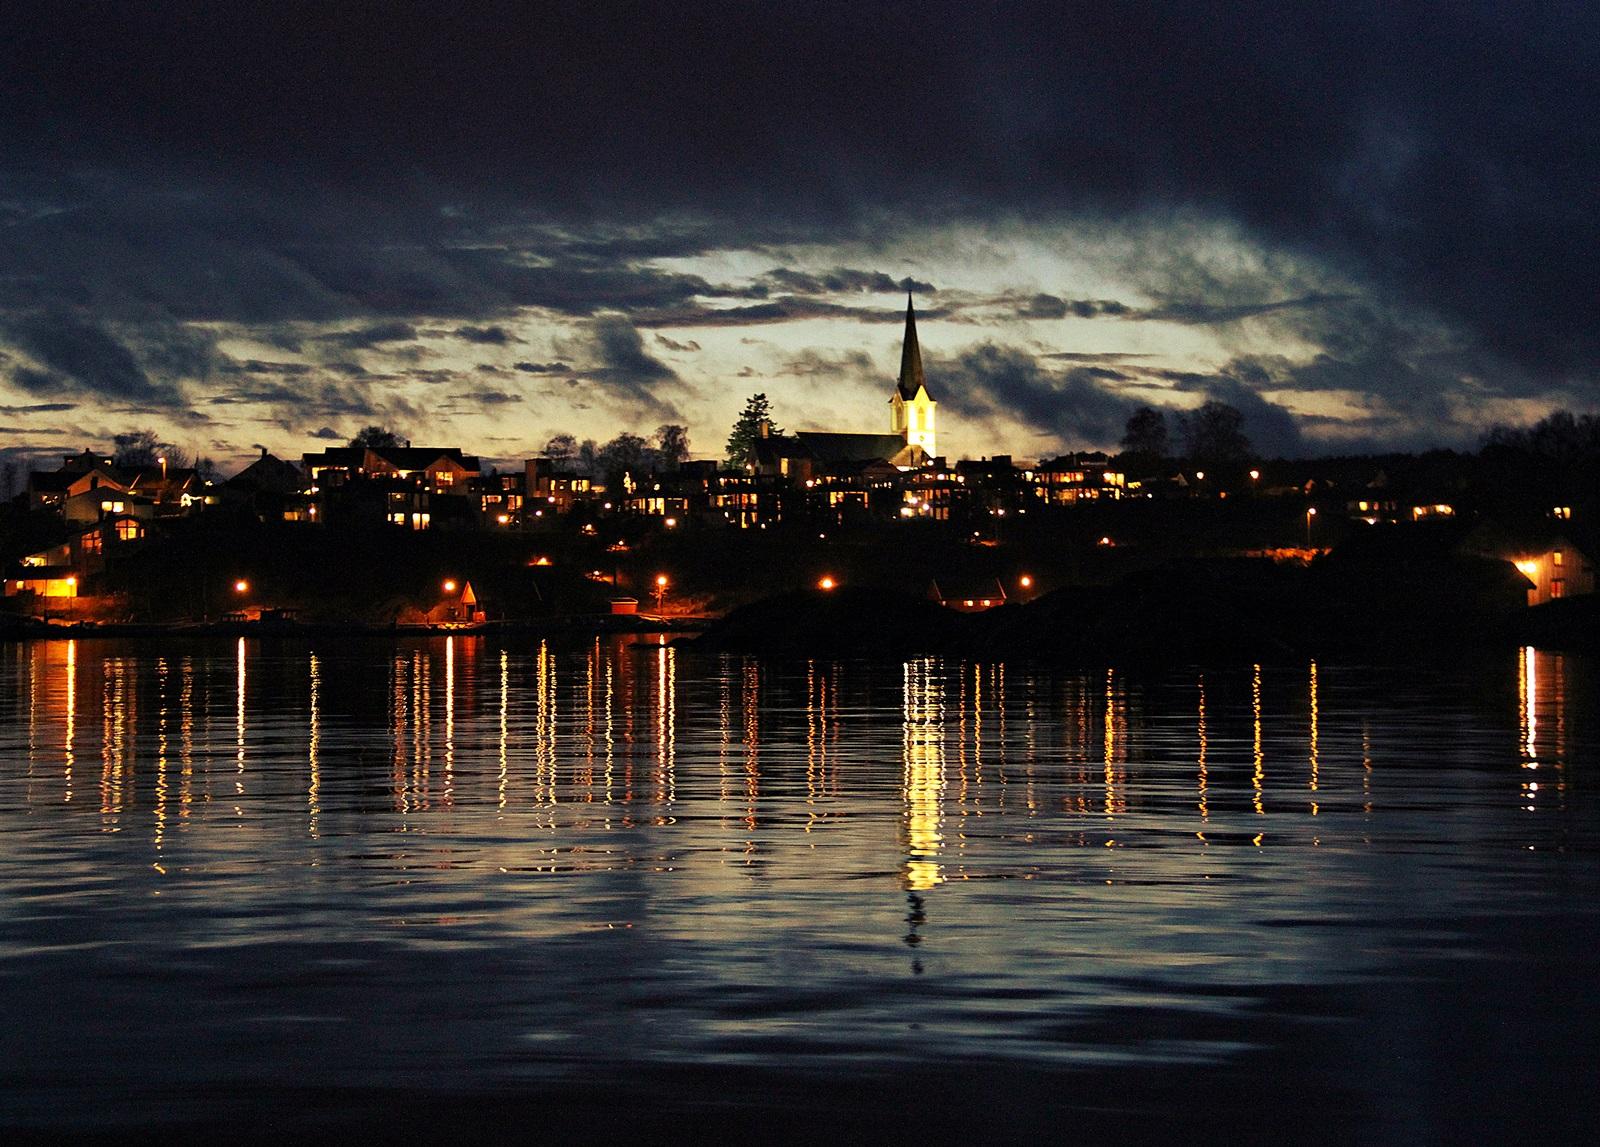 litt nattfiske blir det jo alltids tid til så lenge været er stille